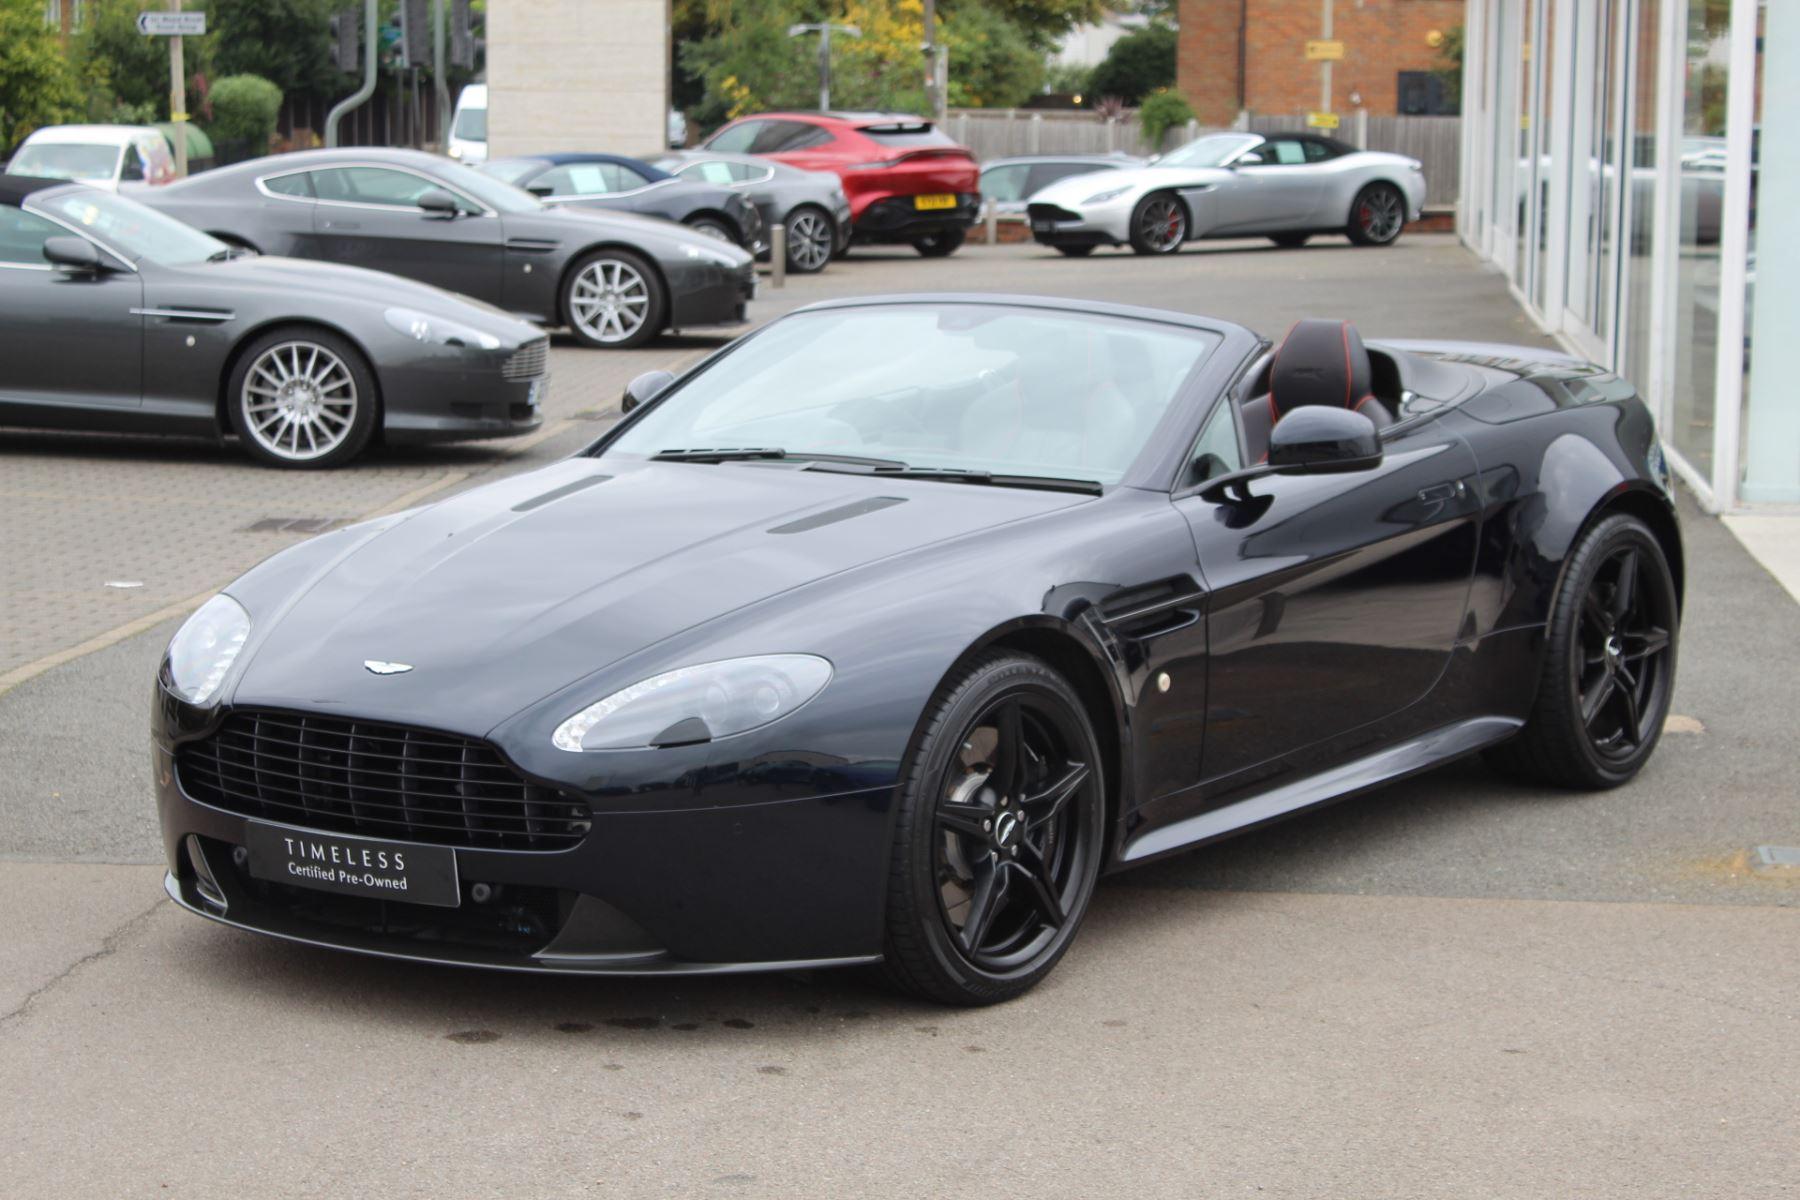 Aston Martin Vantage AMR AMR 2dr Sportshift II 1 of 200 AMR Roadster  image 4